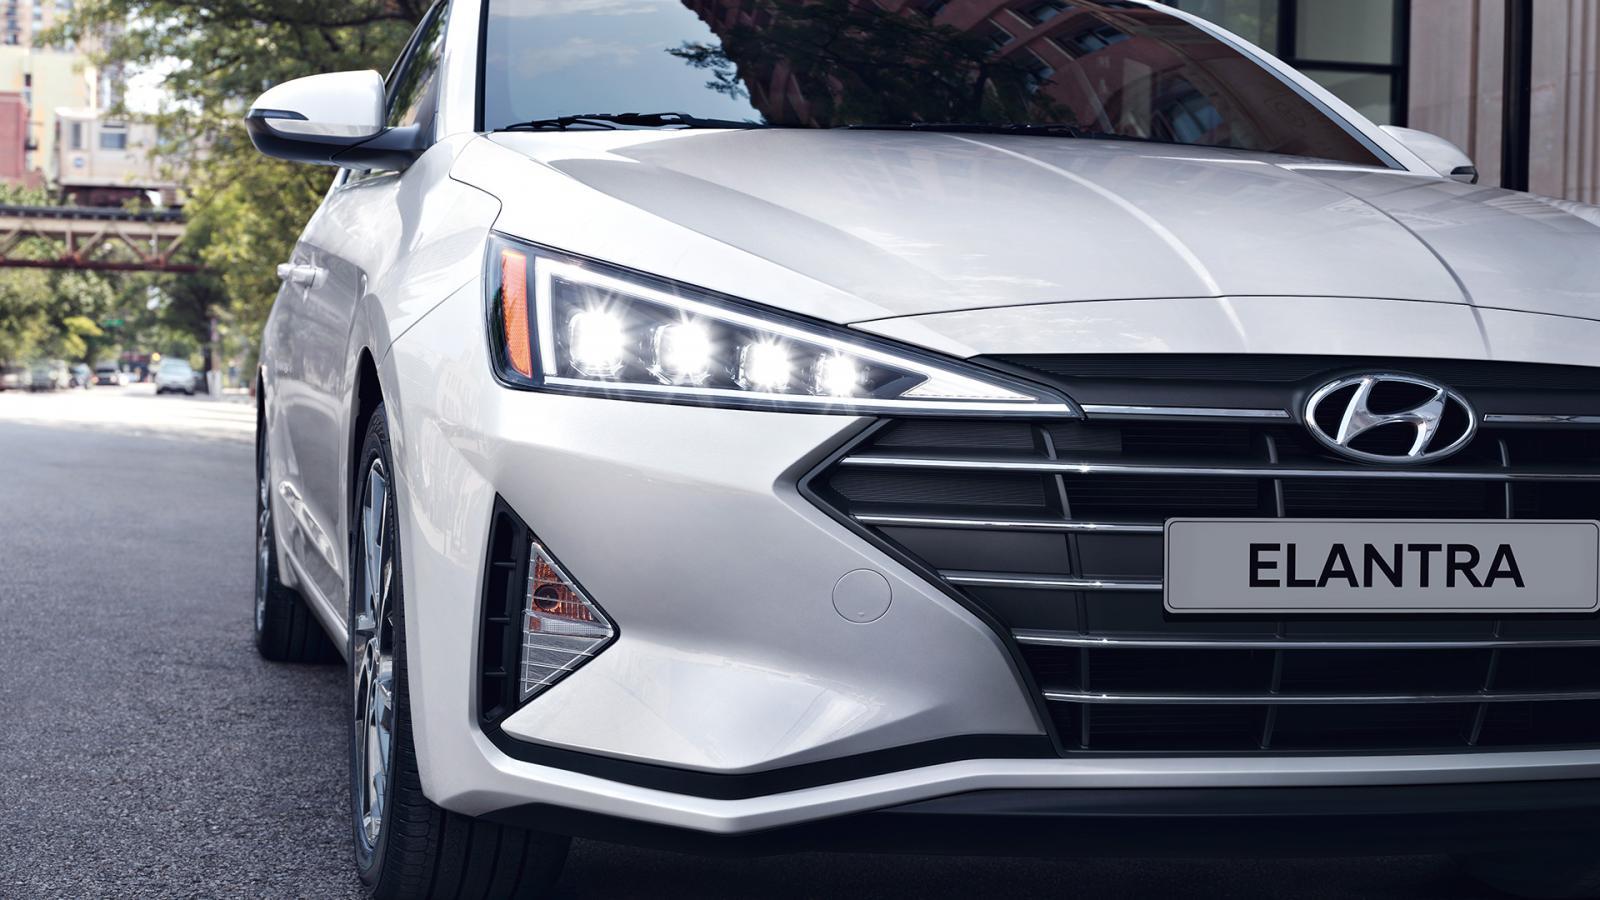 El nuevo rostro del Hyundai Elantra Limited Tech Navi 2019 presume mayor dinamismo y elegancia